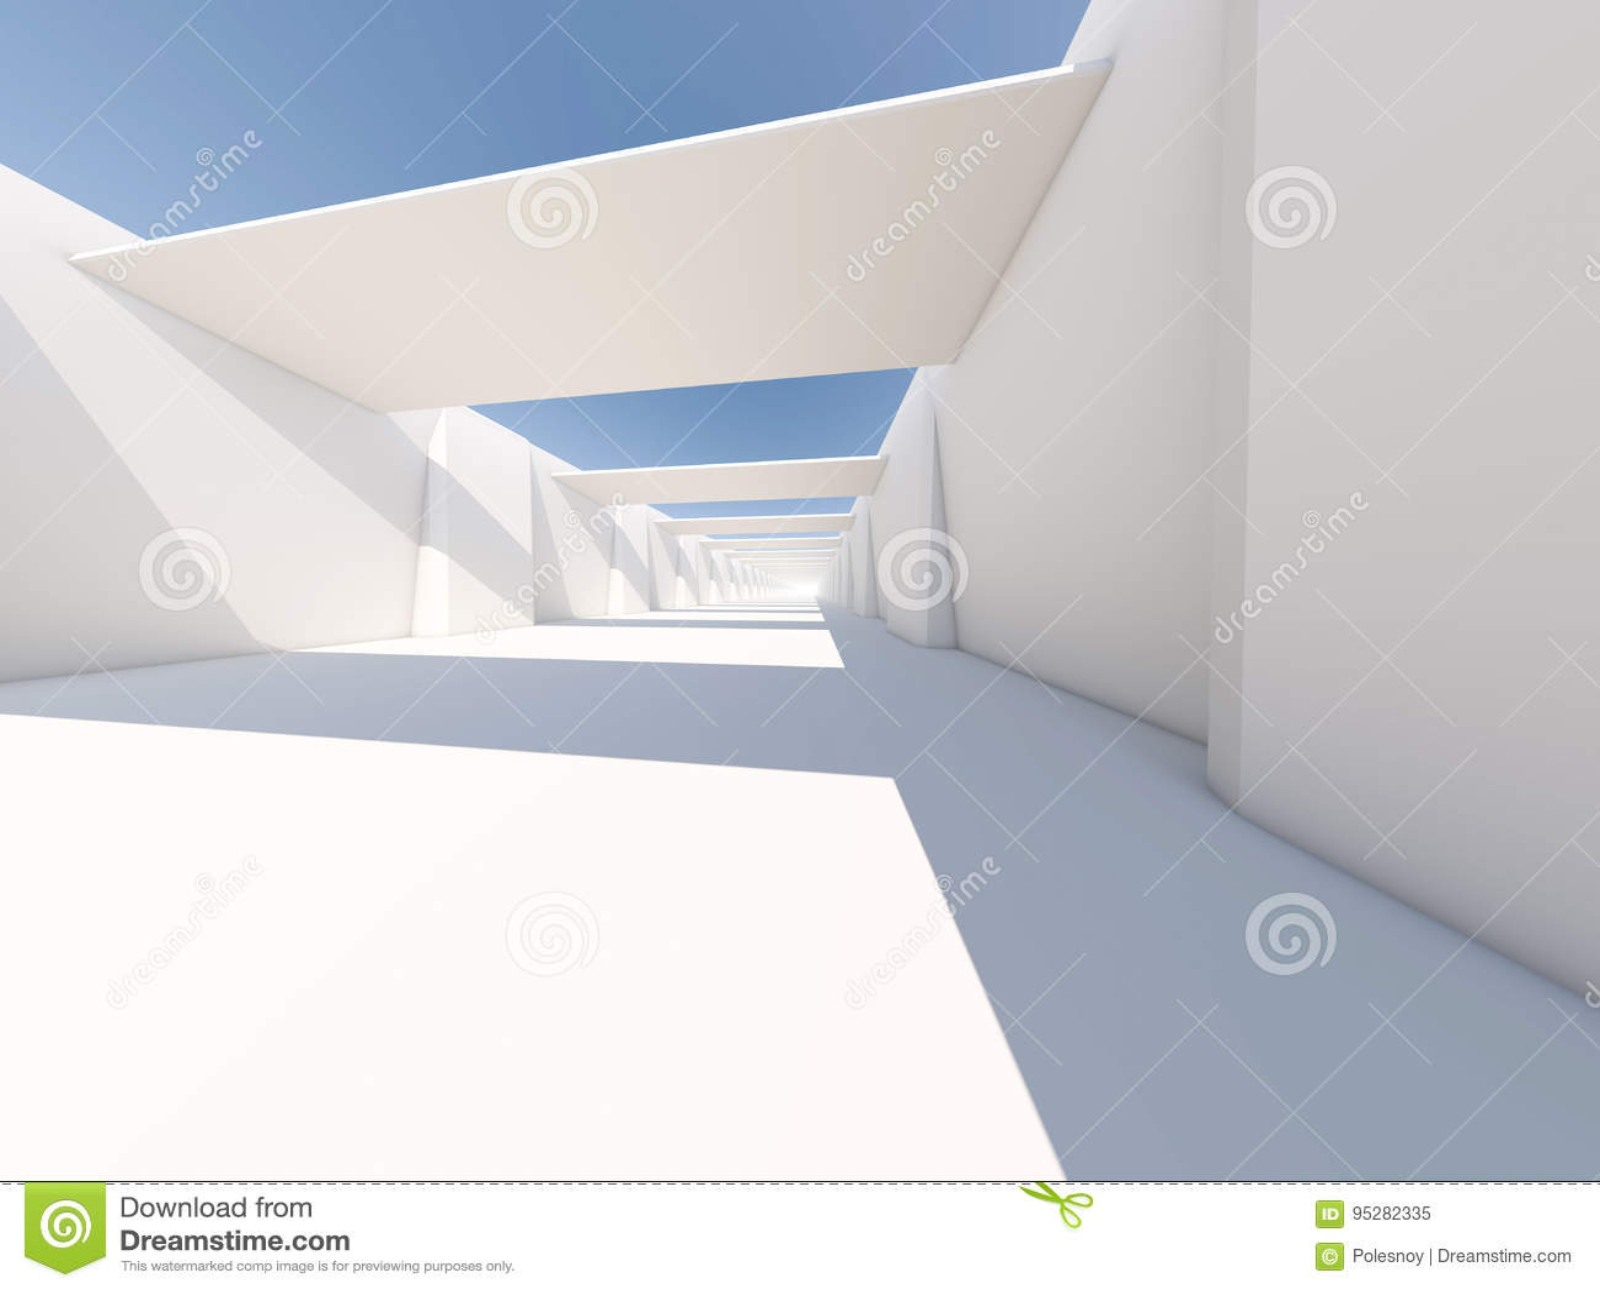 Αφηρημένο σύγχρονο υπόβαθρο αρχιτεκτονικής, κενός άσπρος ανοιχτός χώρος